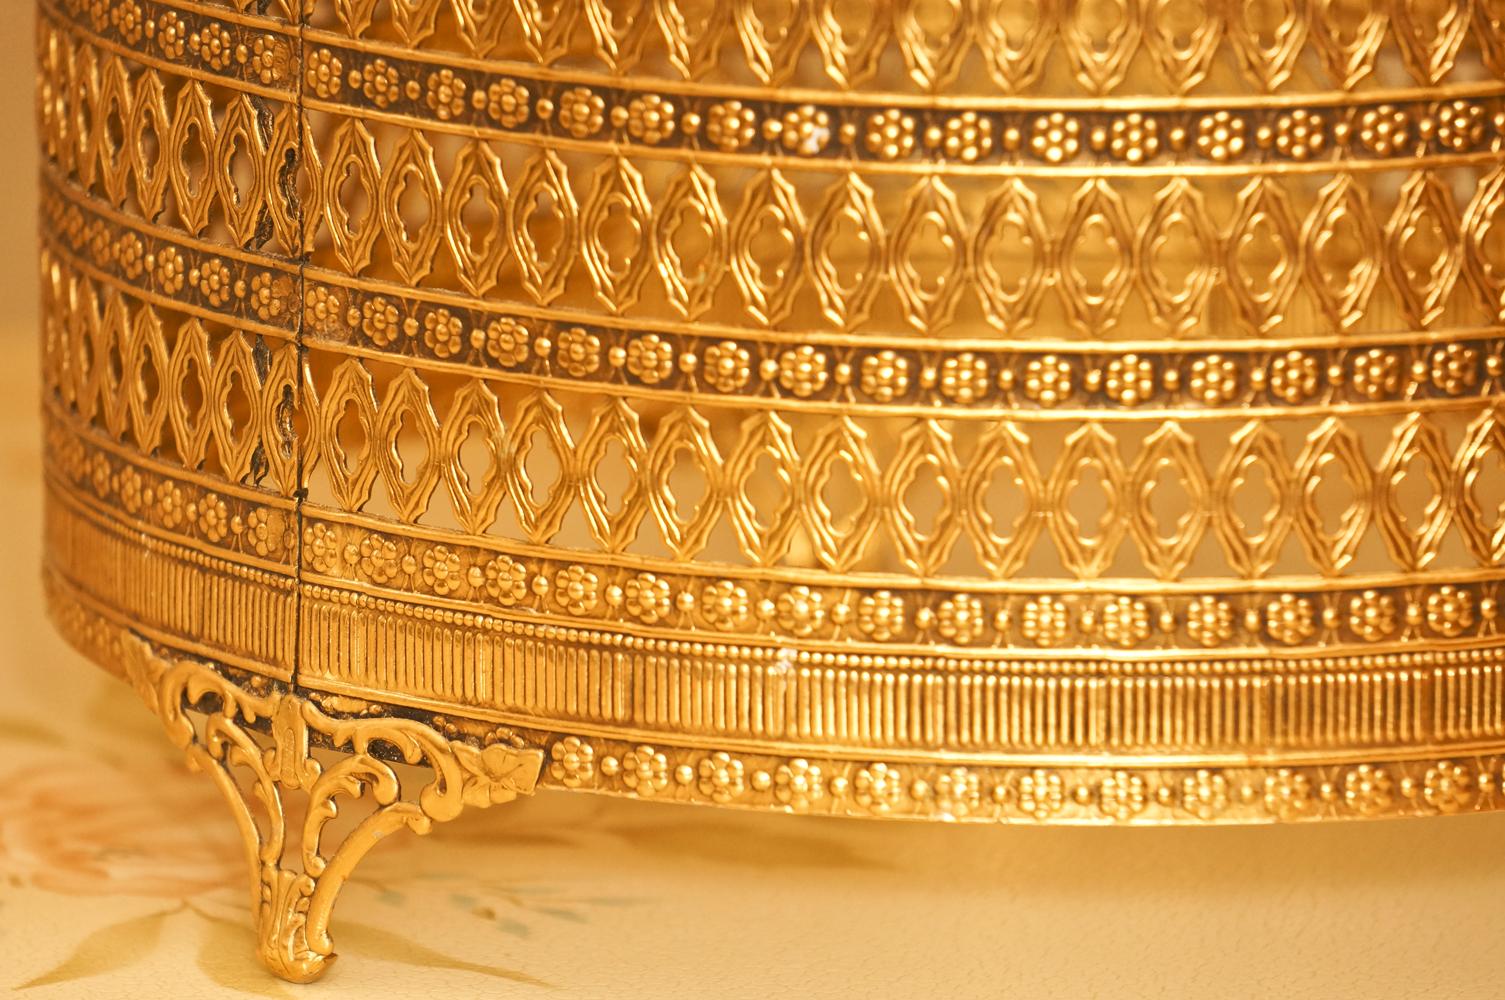 スタイルビルト製 ゴールド ゴミ箱 拡大